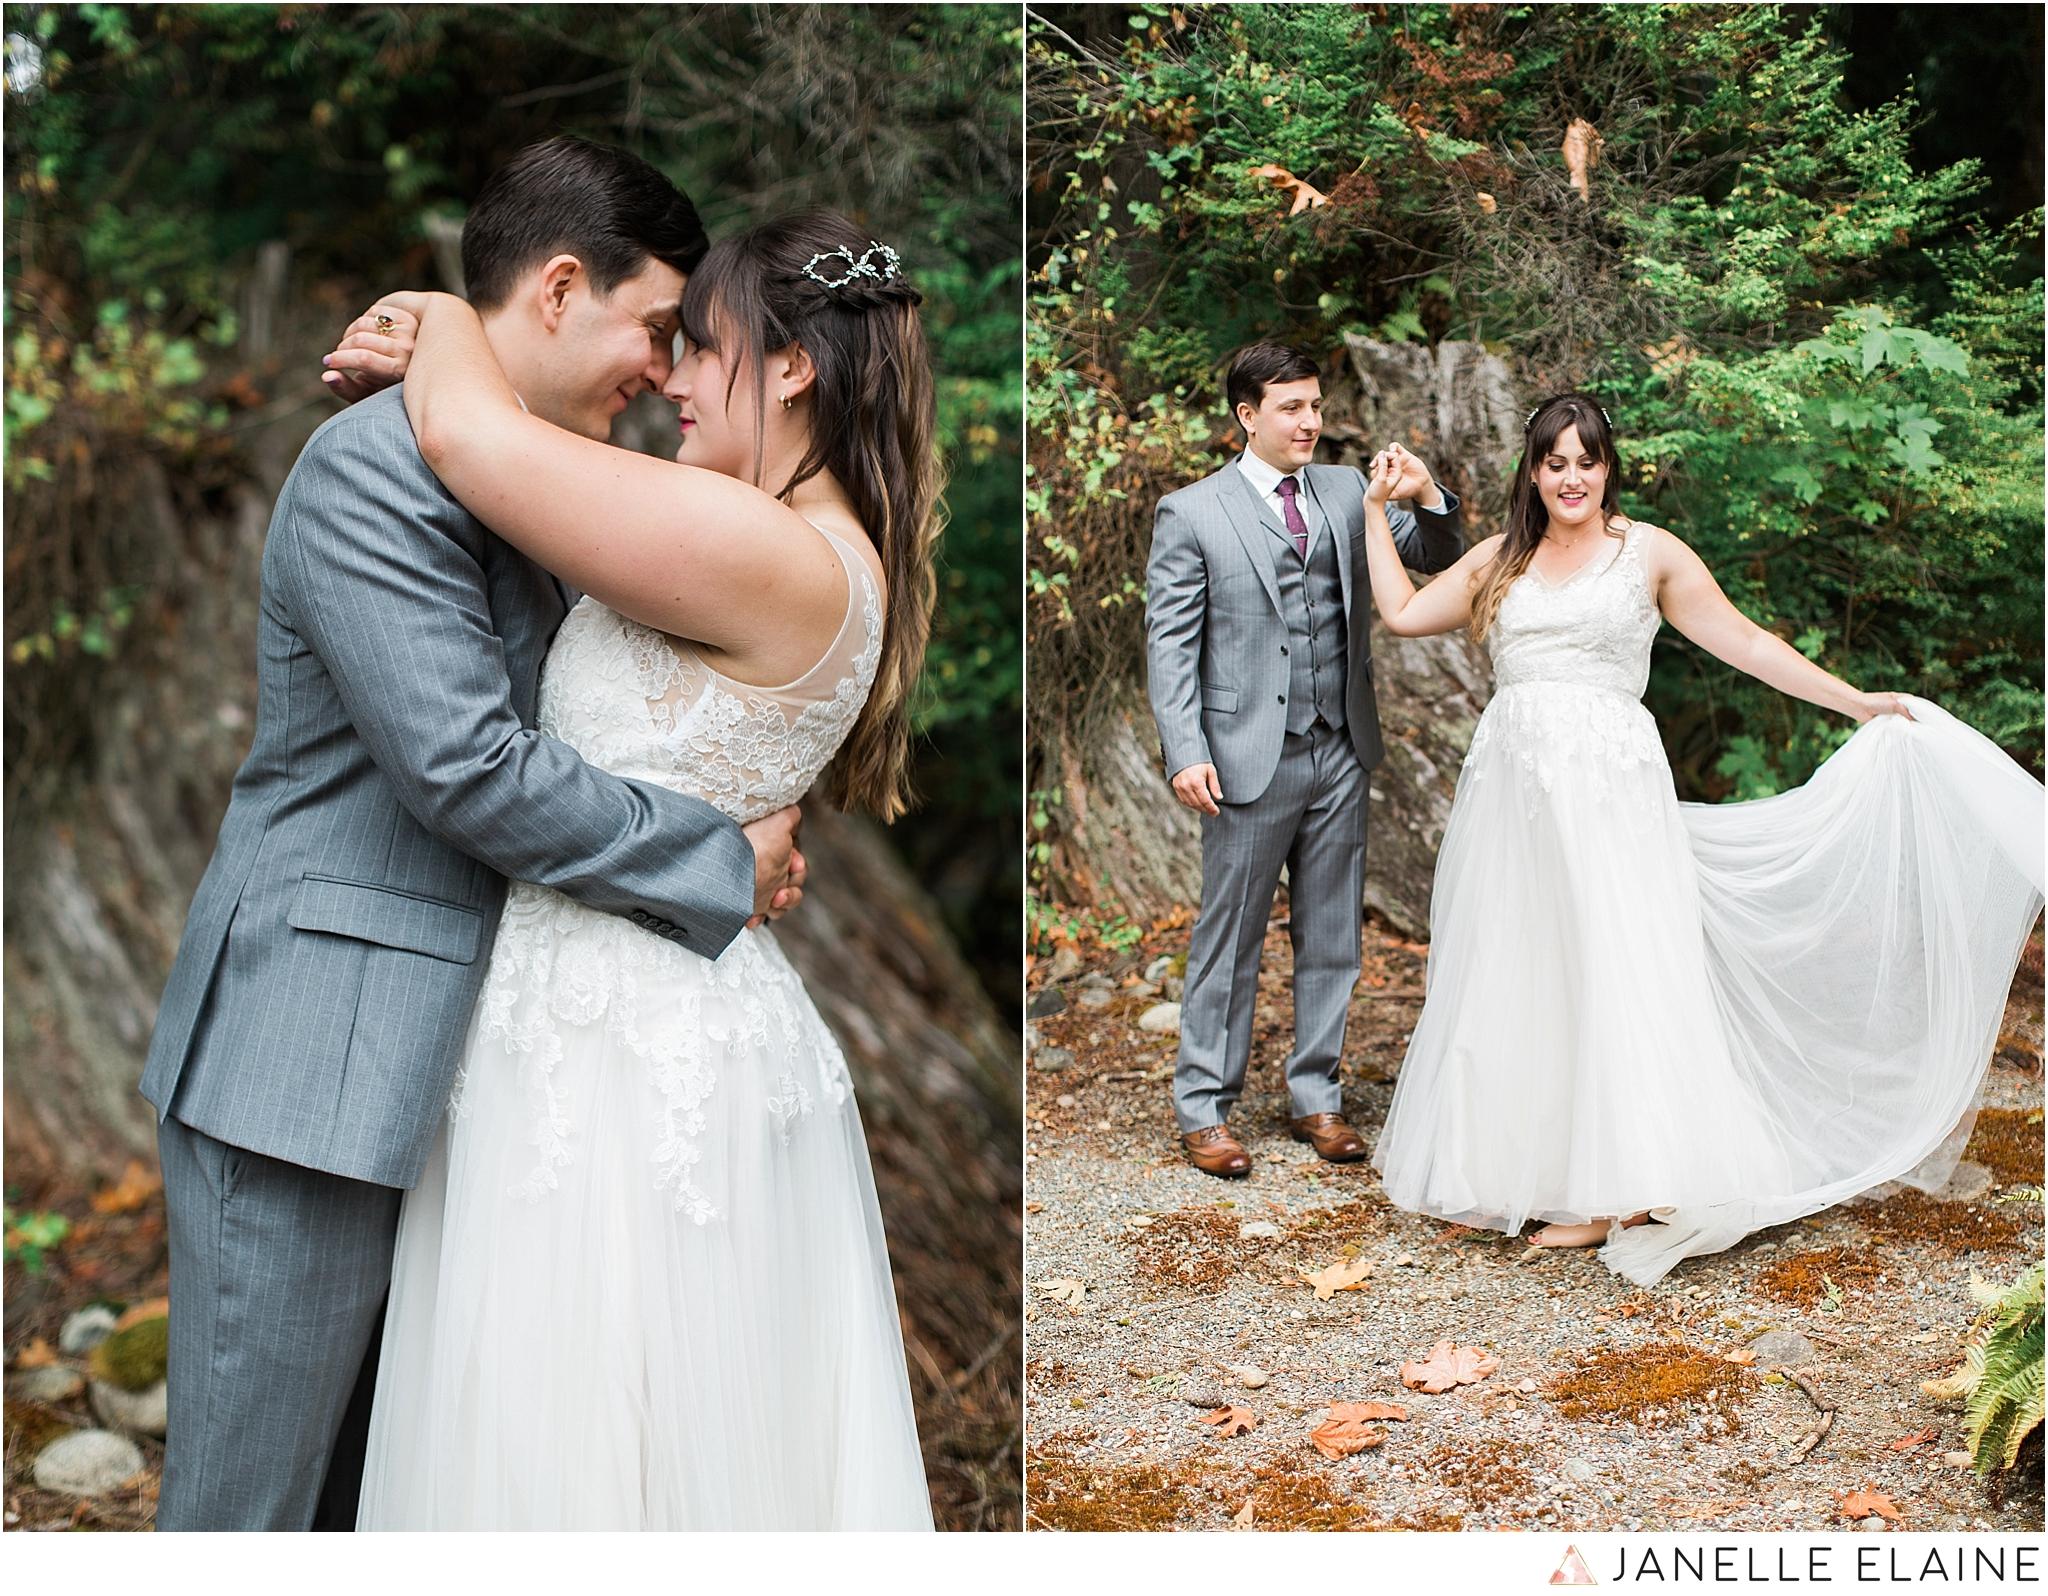 seattle-portrait-engagement-wedding-photographer-janelle-elaine-photography-24.jpg